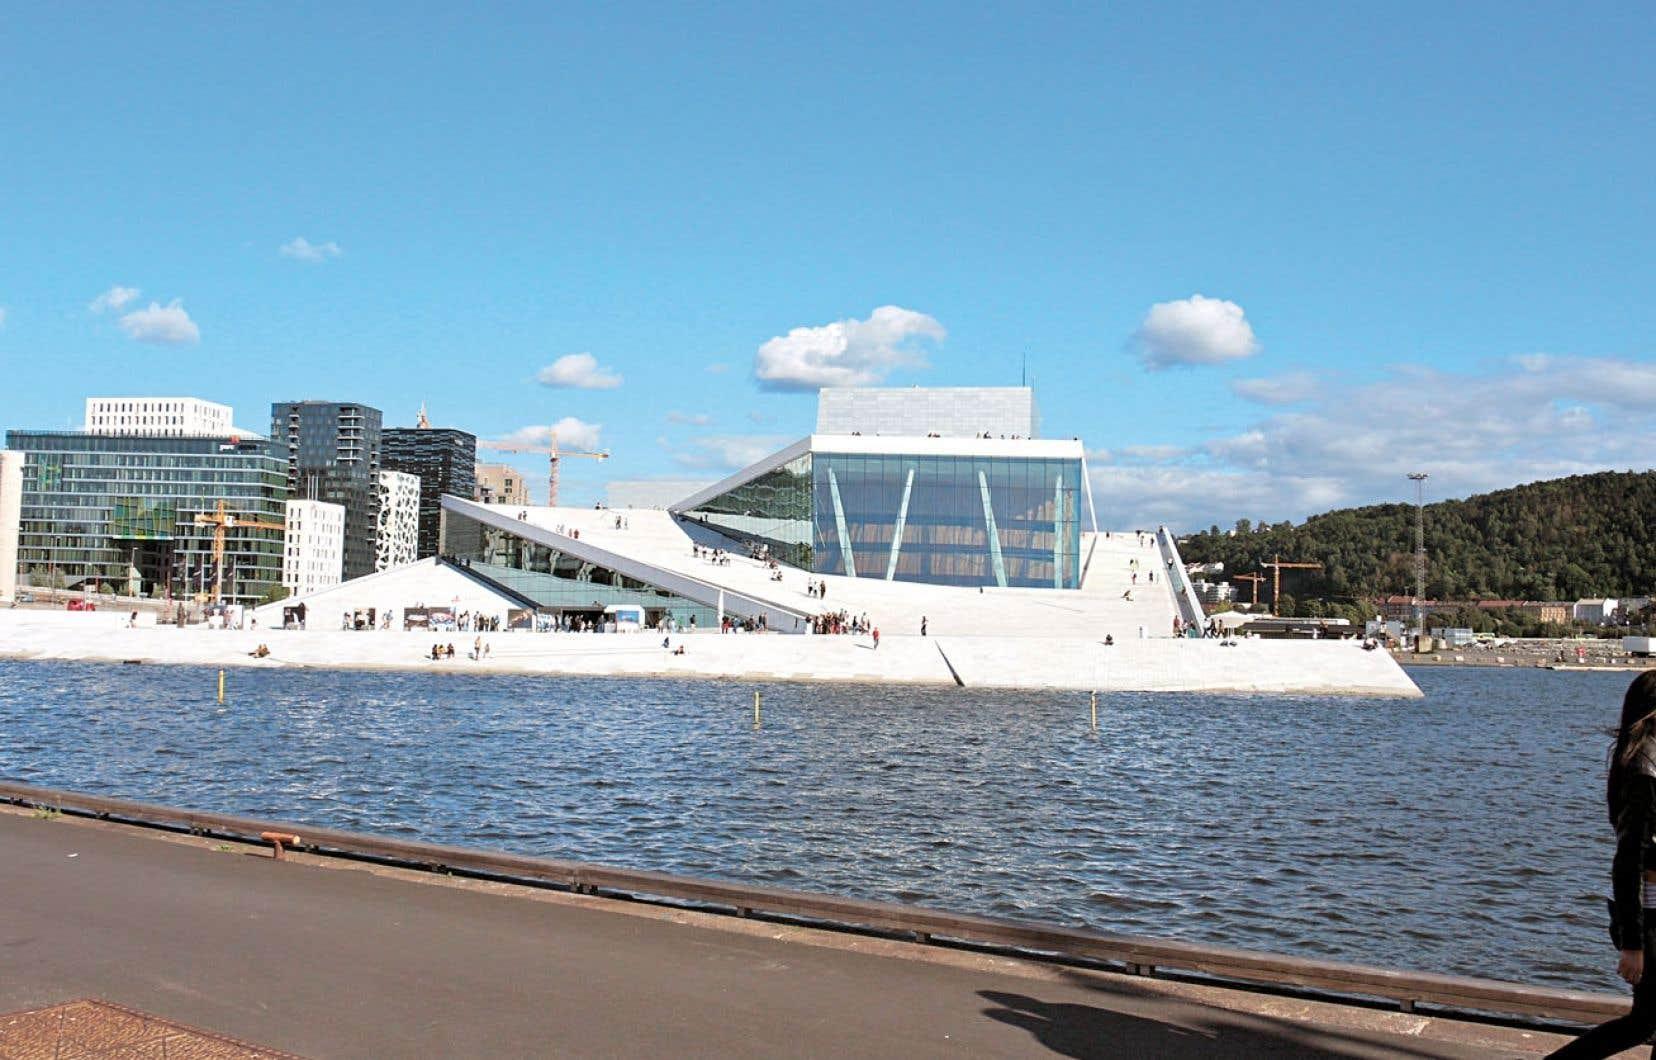 L'Opéra d'Oslo et des immeubles en construction du quartier Bjørvika.